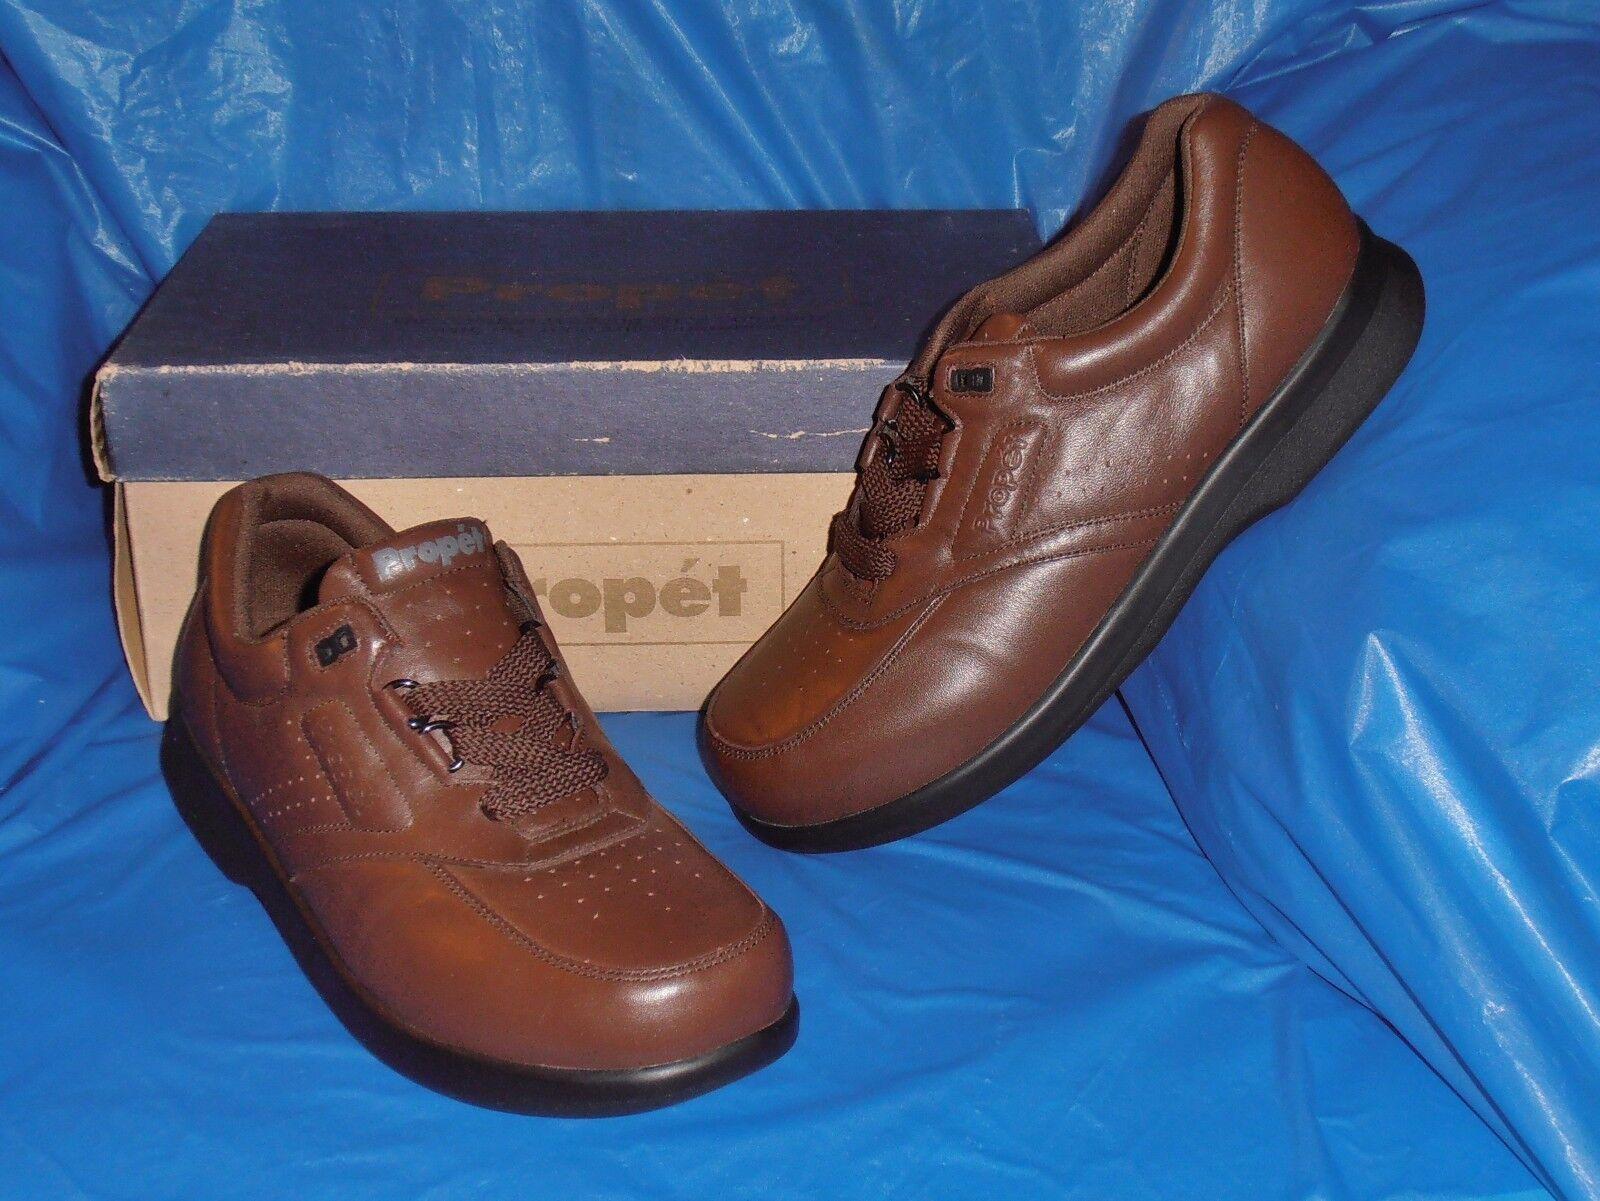 Propet  M3910,  Uomo Brown Lite Comfort Walking shoe. 7 1/2 M